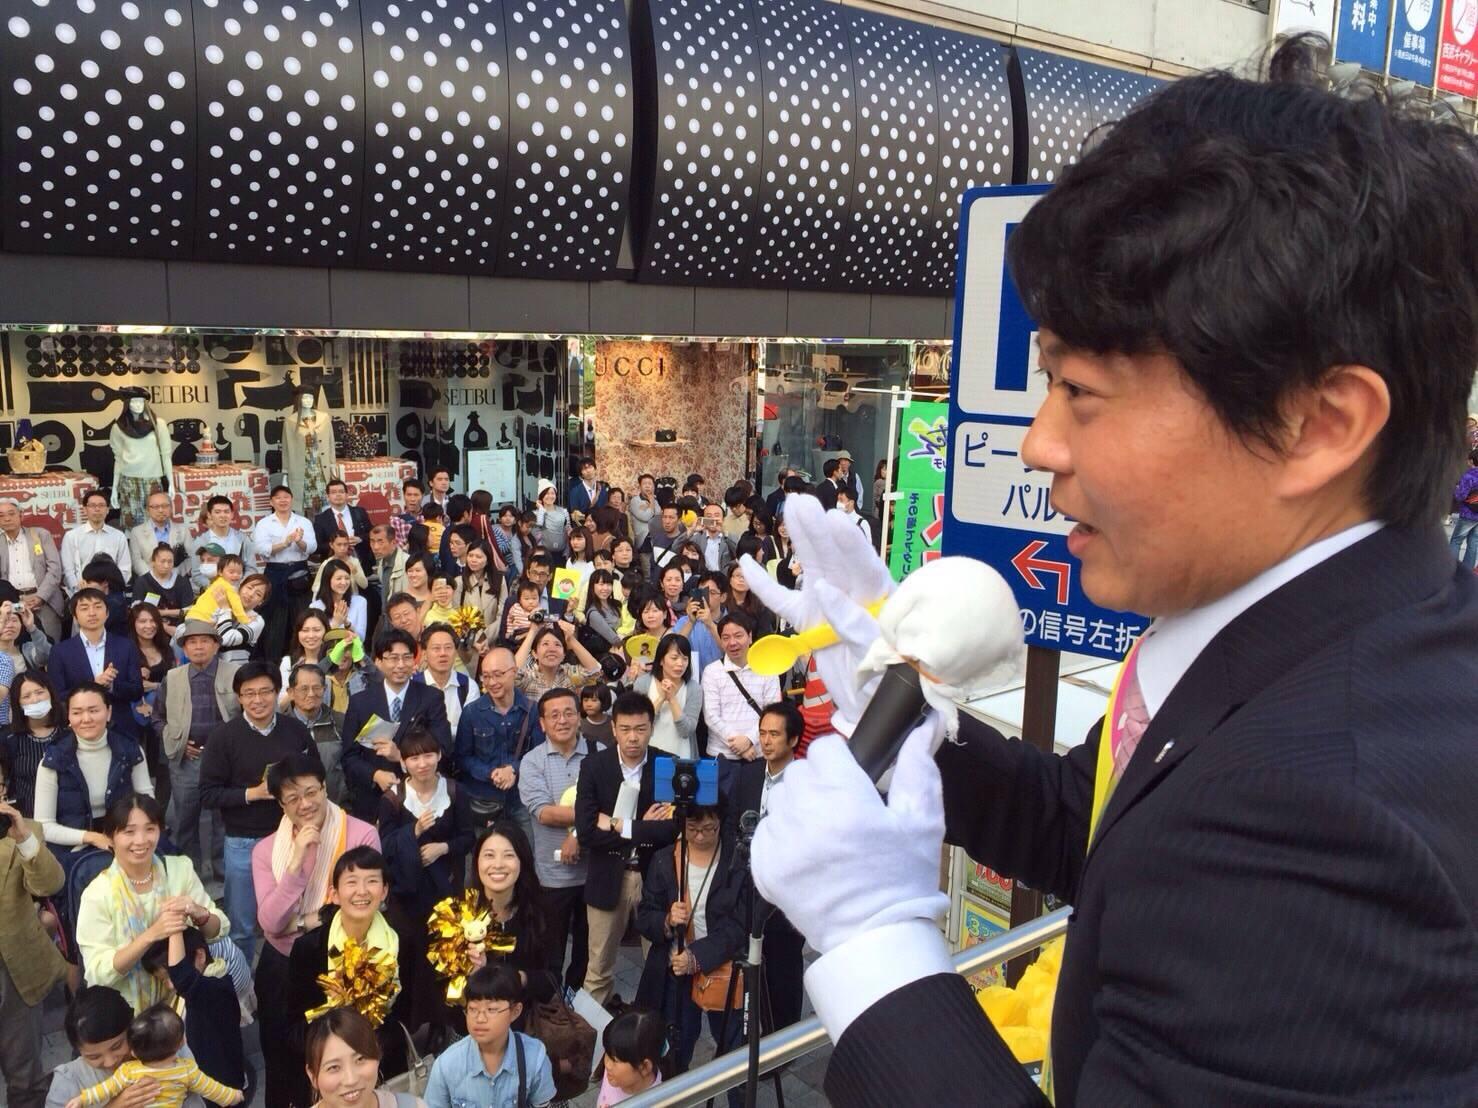 吉井氏の演説の風景。右手にはなぜか黄色いスプーンを持っている